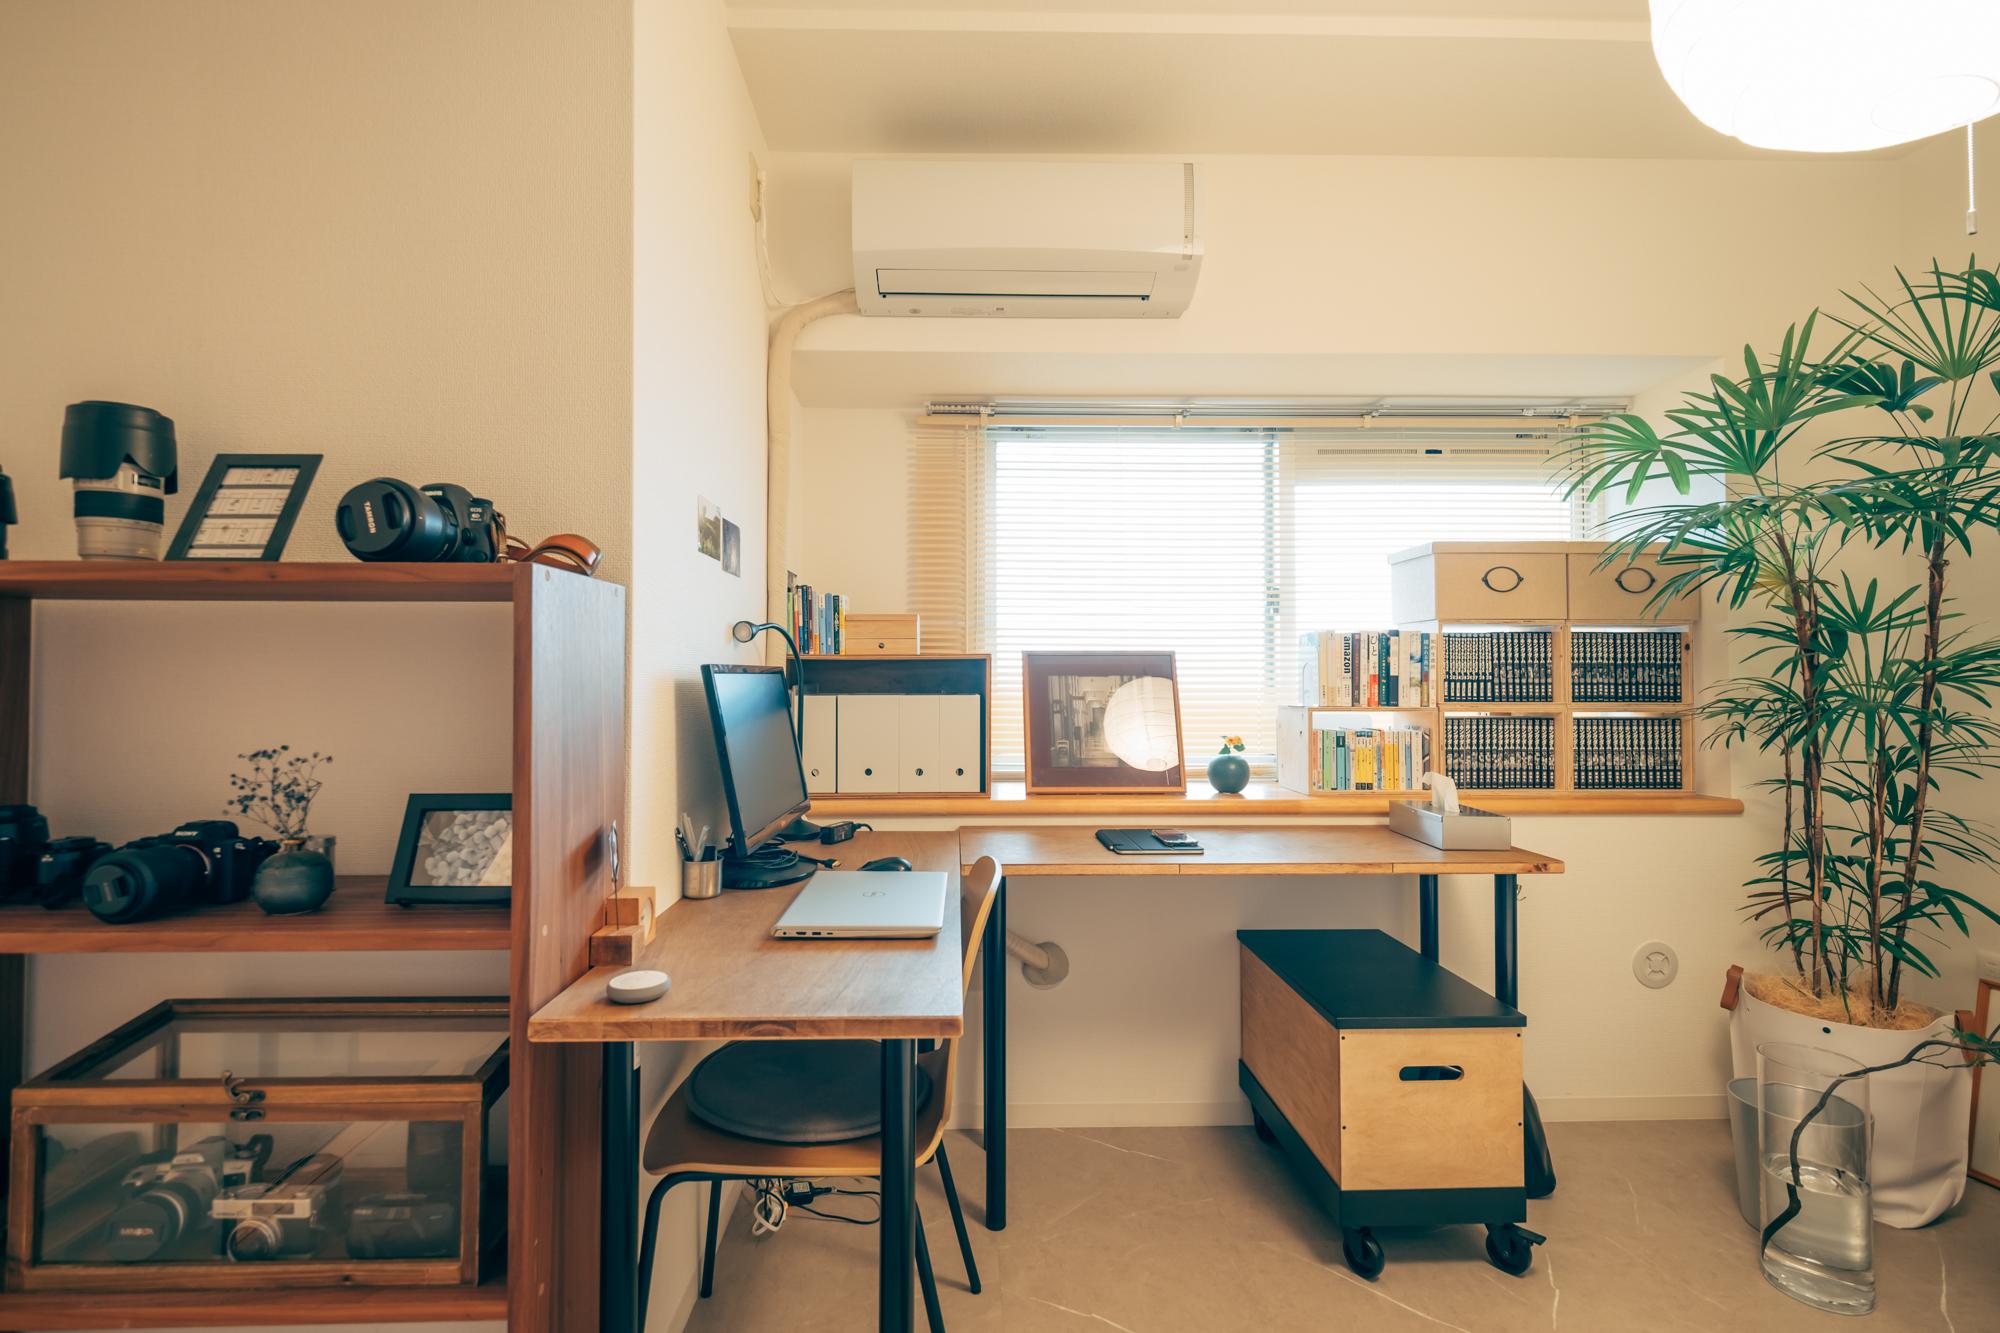 お仕事用のスペースもとても整頓されていて尊敬してしまいます。